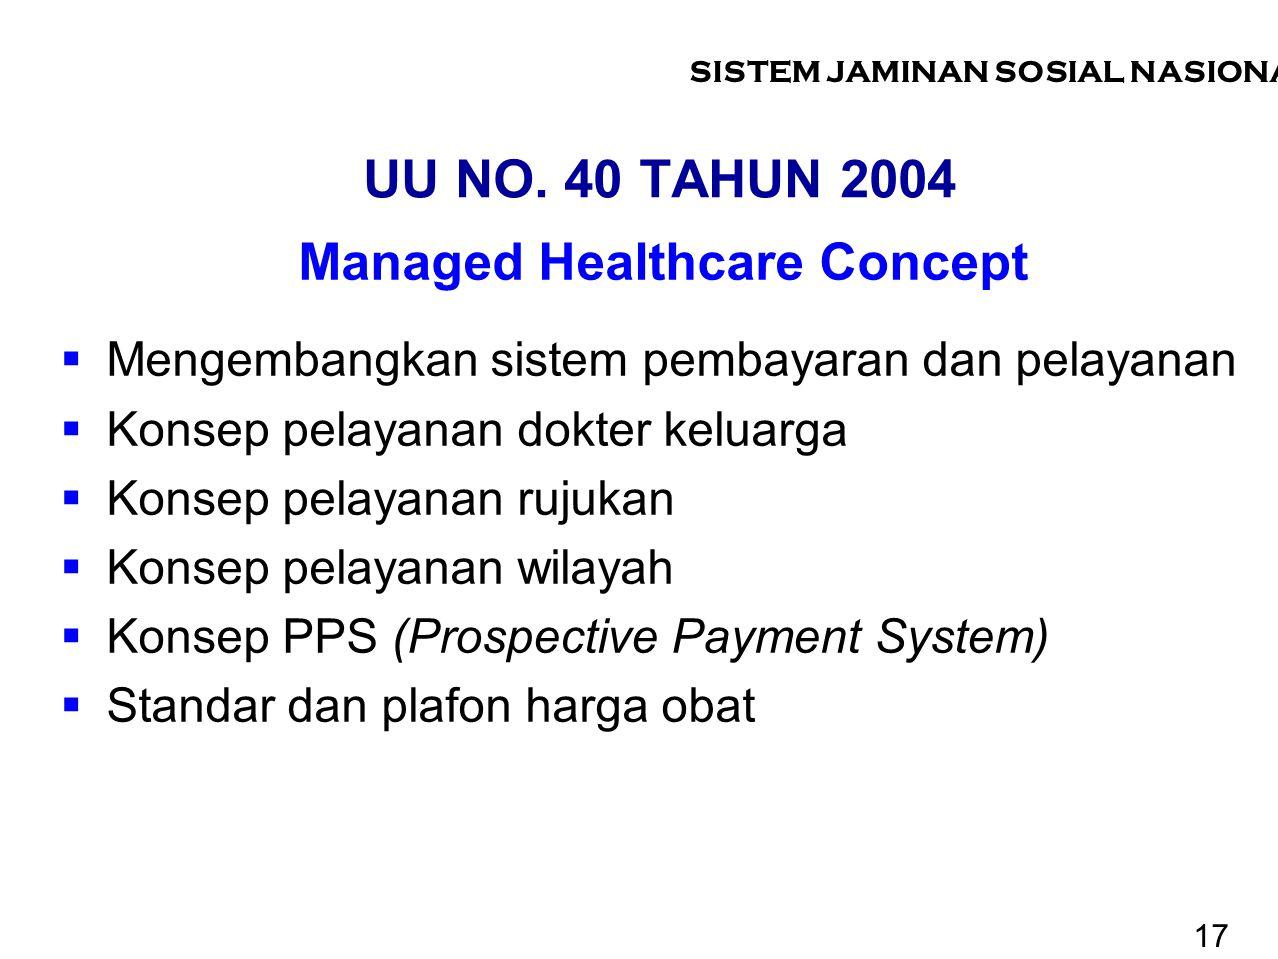 UU NO. 40 TAHUN 2004 Managed Healthcare Concept  Mengembangkan sistem pembayaran dan pelayanan  Konsep pelayanan dokter keluarga  Konsep pelayanan